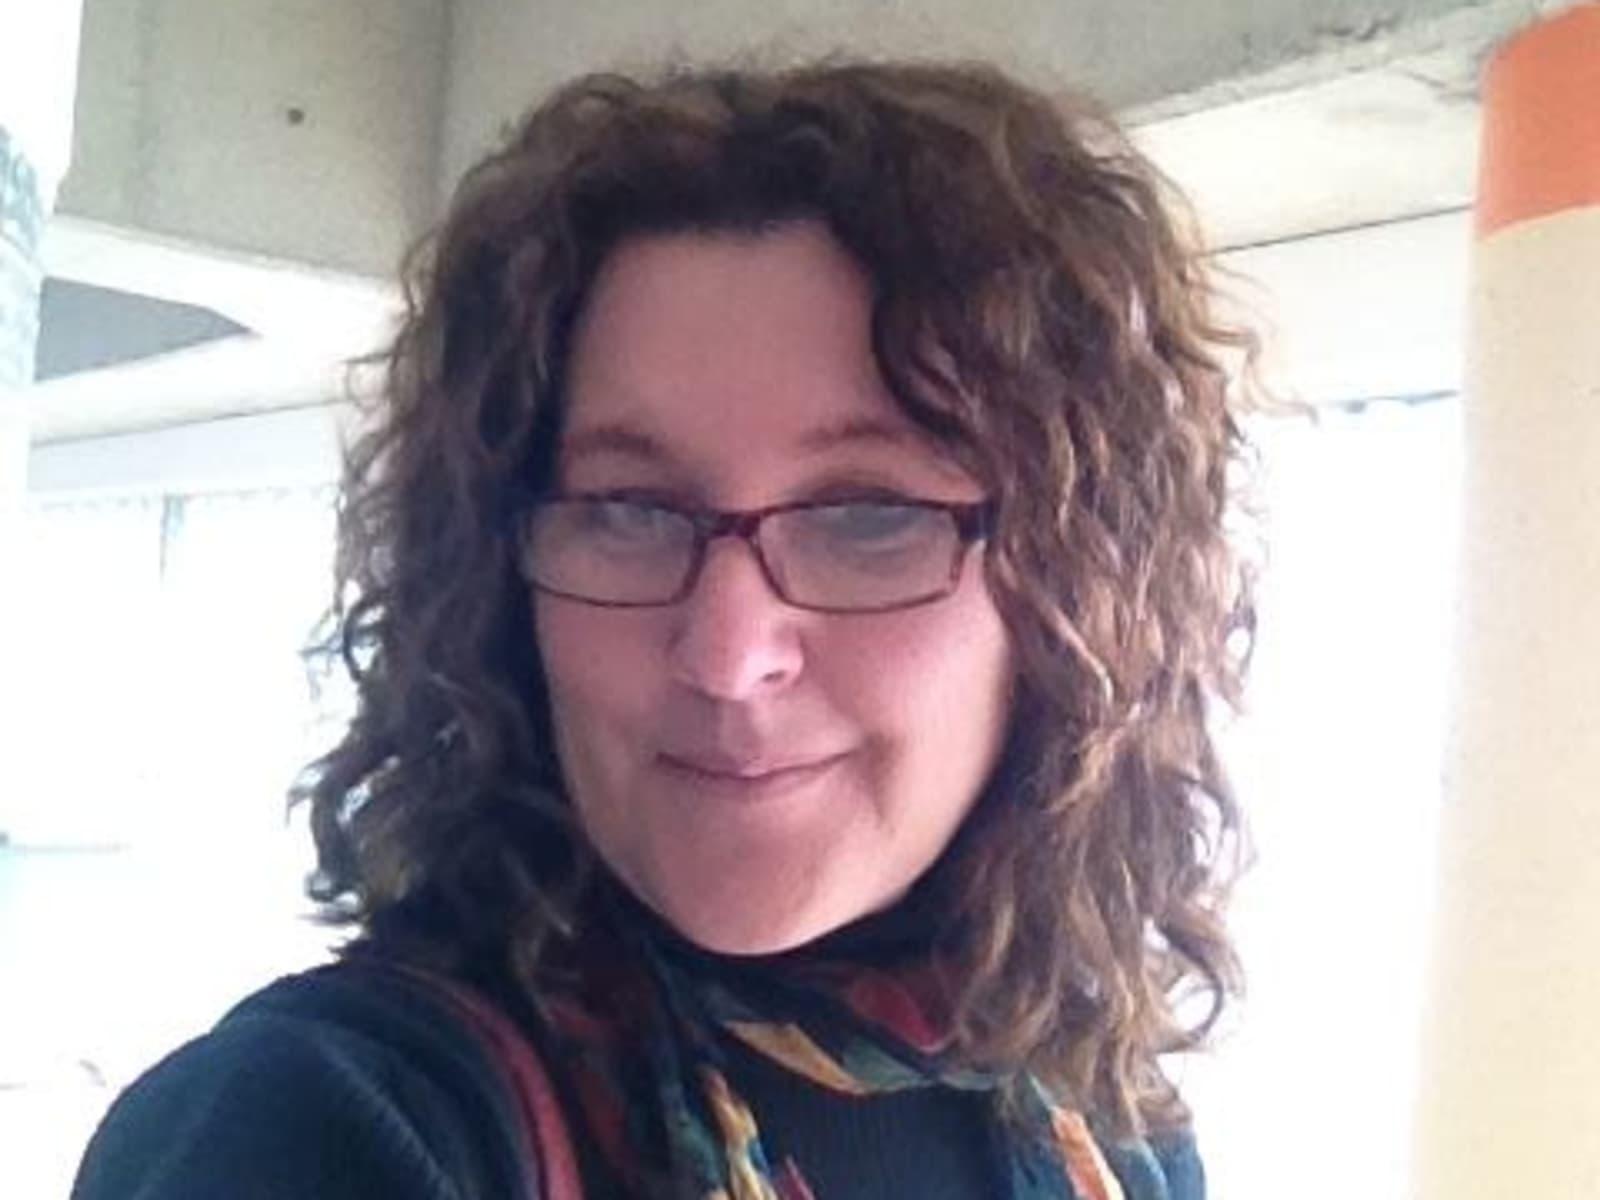 Giuliana from Toronto, Ontario, Canada